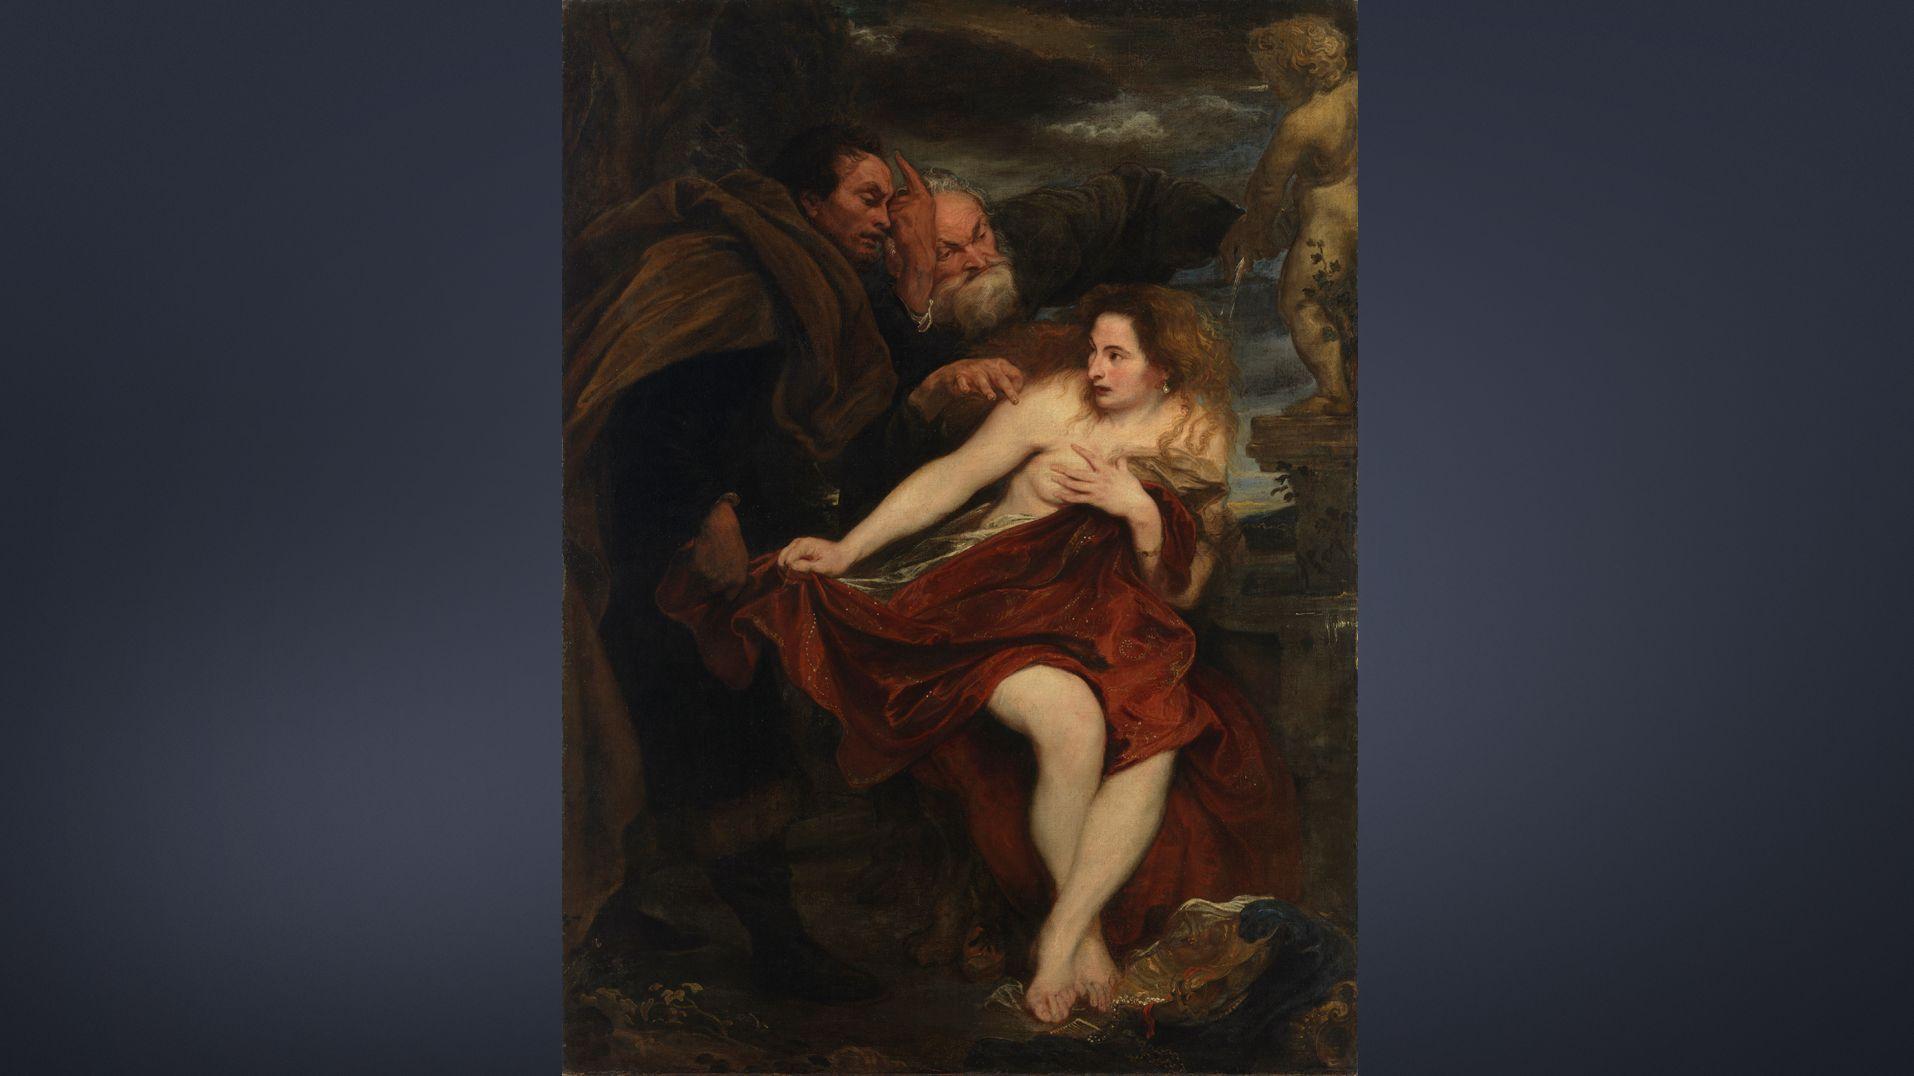 """Gemälde """"Susanna und die beiden Alten"""" von Anthonis van Dyck: Nackte Frau wird von zwei Männern überrascht"""